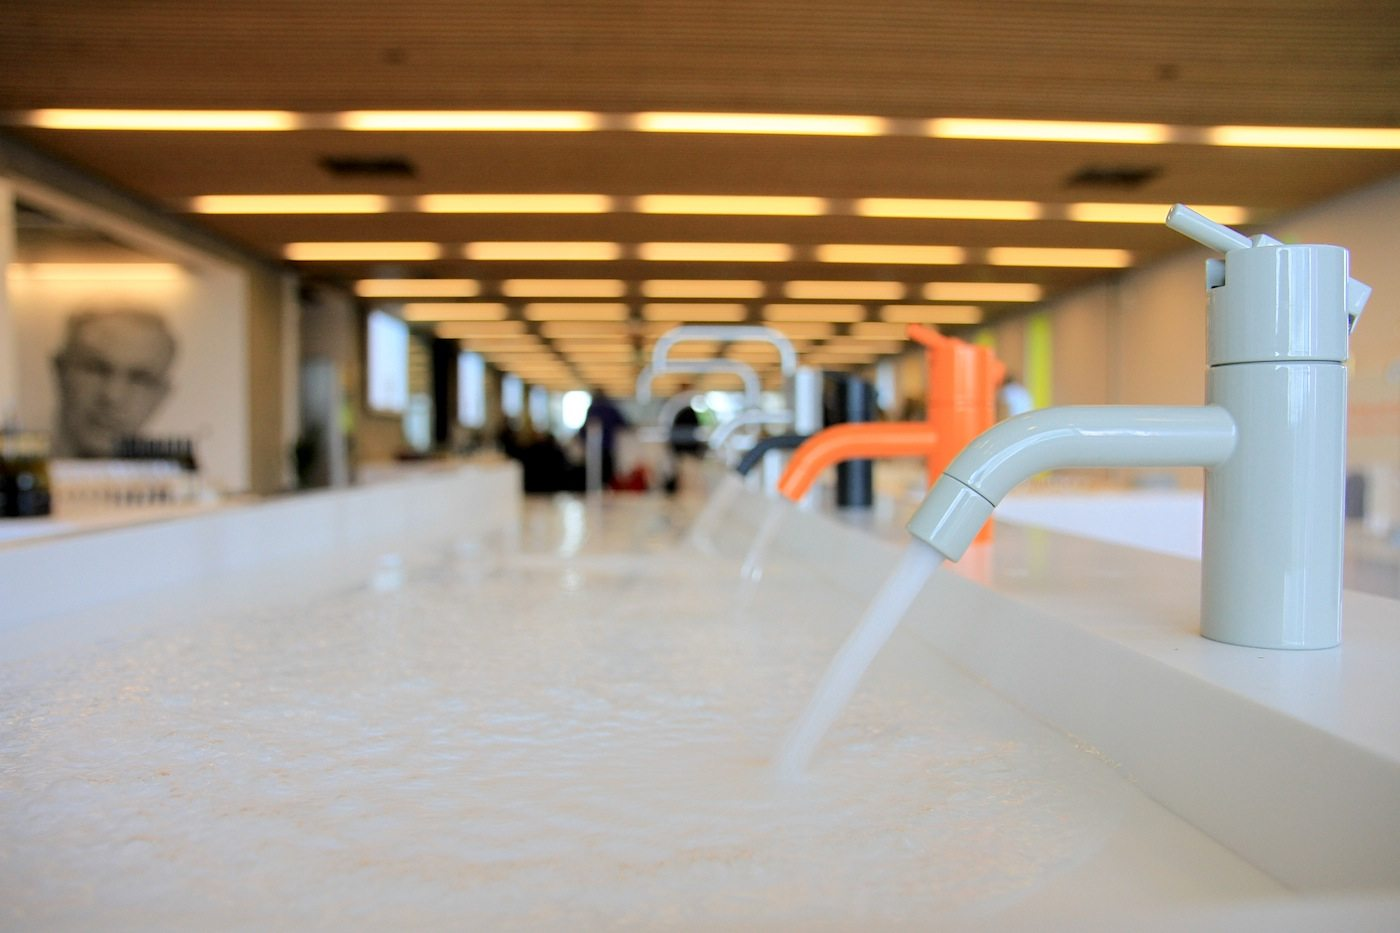 Vola Akademie. Wasser marsch! Im Hintergrund links wacht das Bild von Arne Jacobsen über die Nässe.